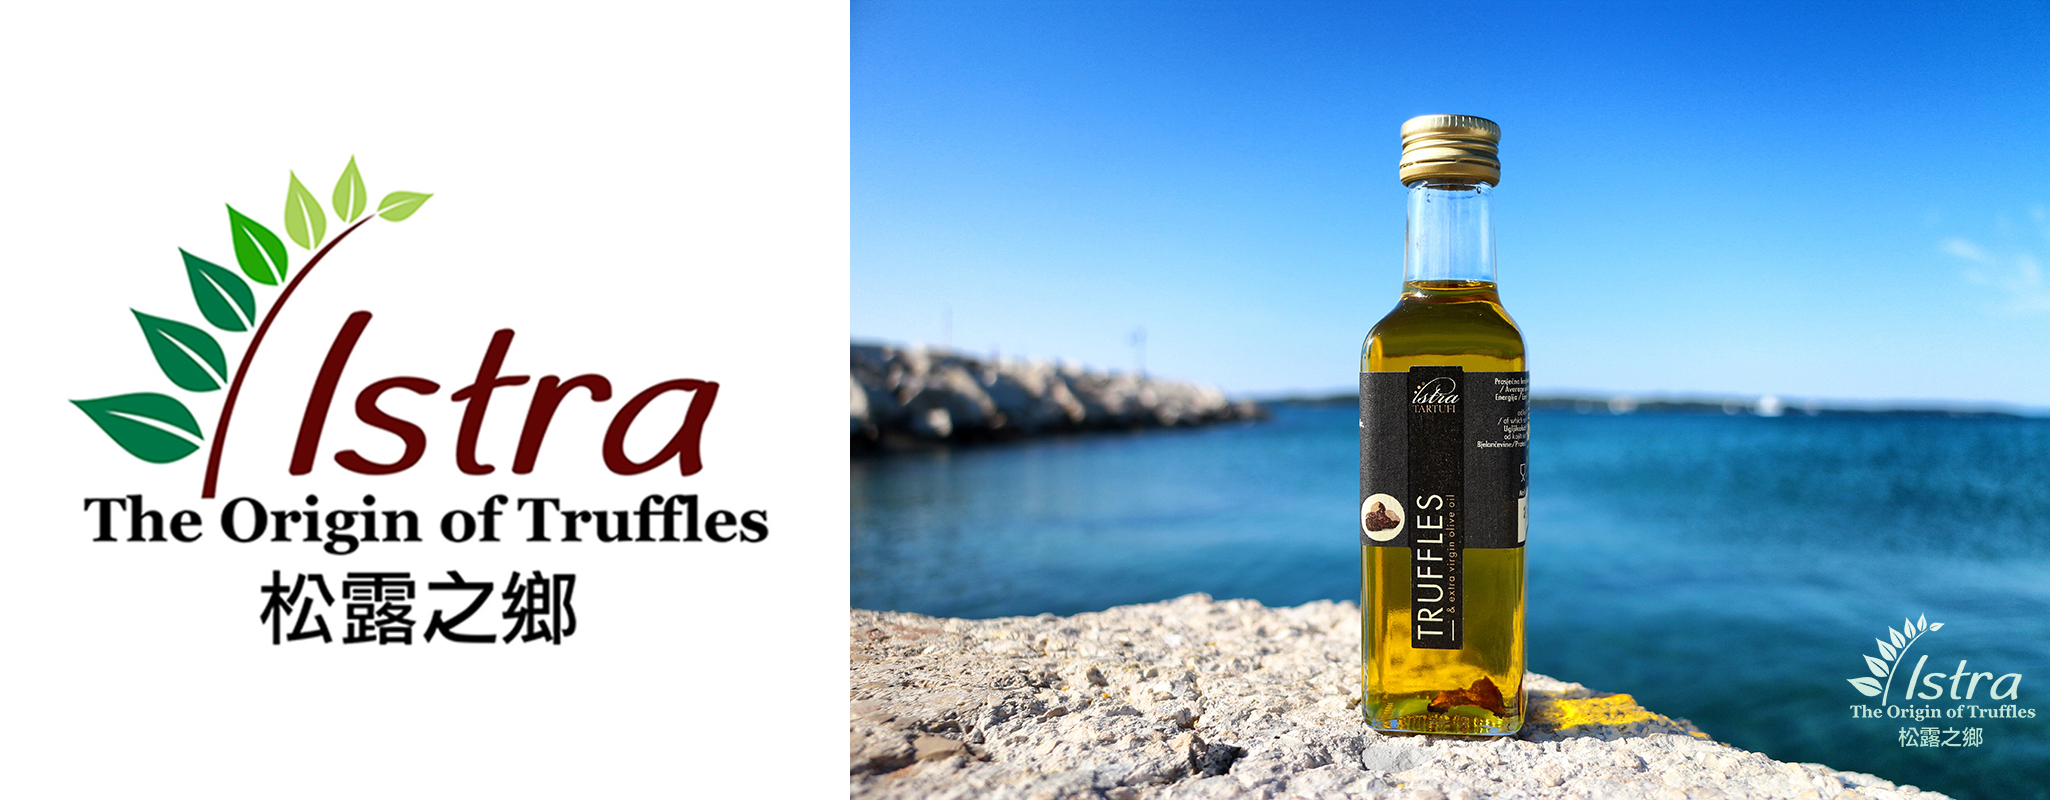 黑松露特級初榨橄欖油